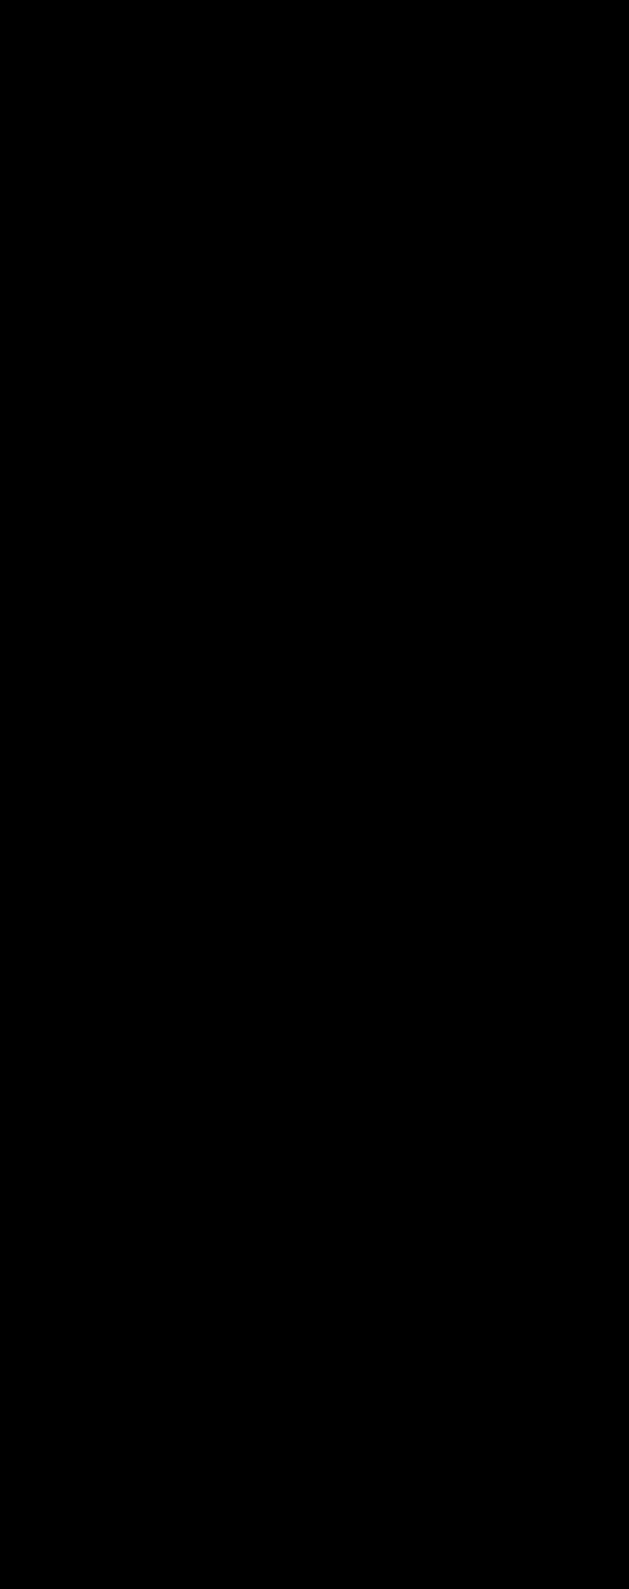 حل تمارين الرياضيات للسنة الرابعة متوسط ص 172 MuD2KQDAepadf2Gnokj7yDkKOPB25xxhpsMCBlIyR7p-sW7_cOyXcl5d_P8Oh17s_XS87VWark6i-lg6N2DXFMuu0S_a1TA4tsU_0Nv0_hQN538B8R5BxtJK6WQzJbT-2zFdFAMz6BK4XAaehg